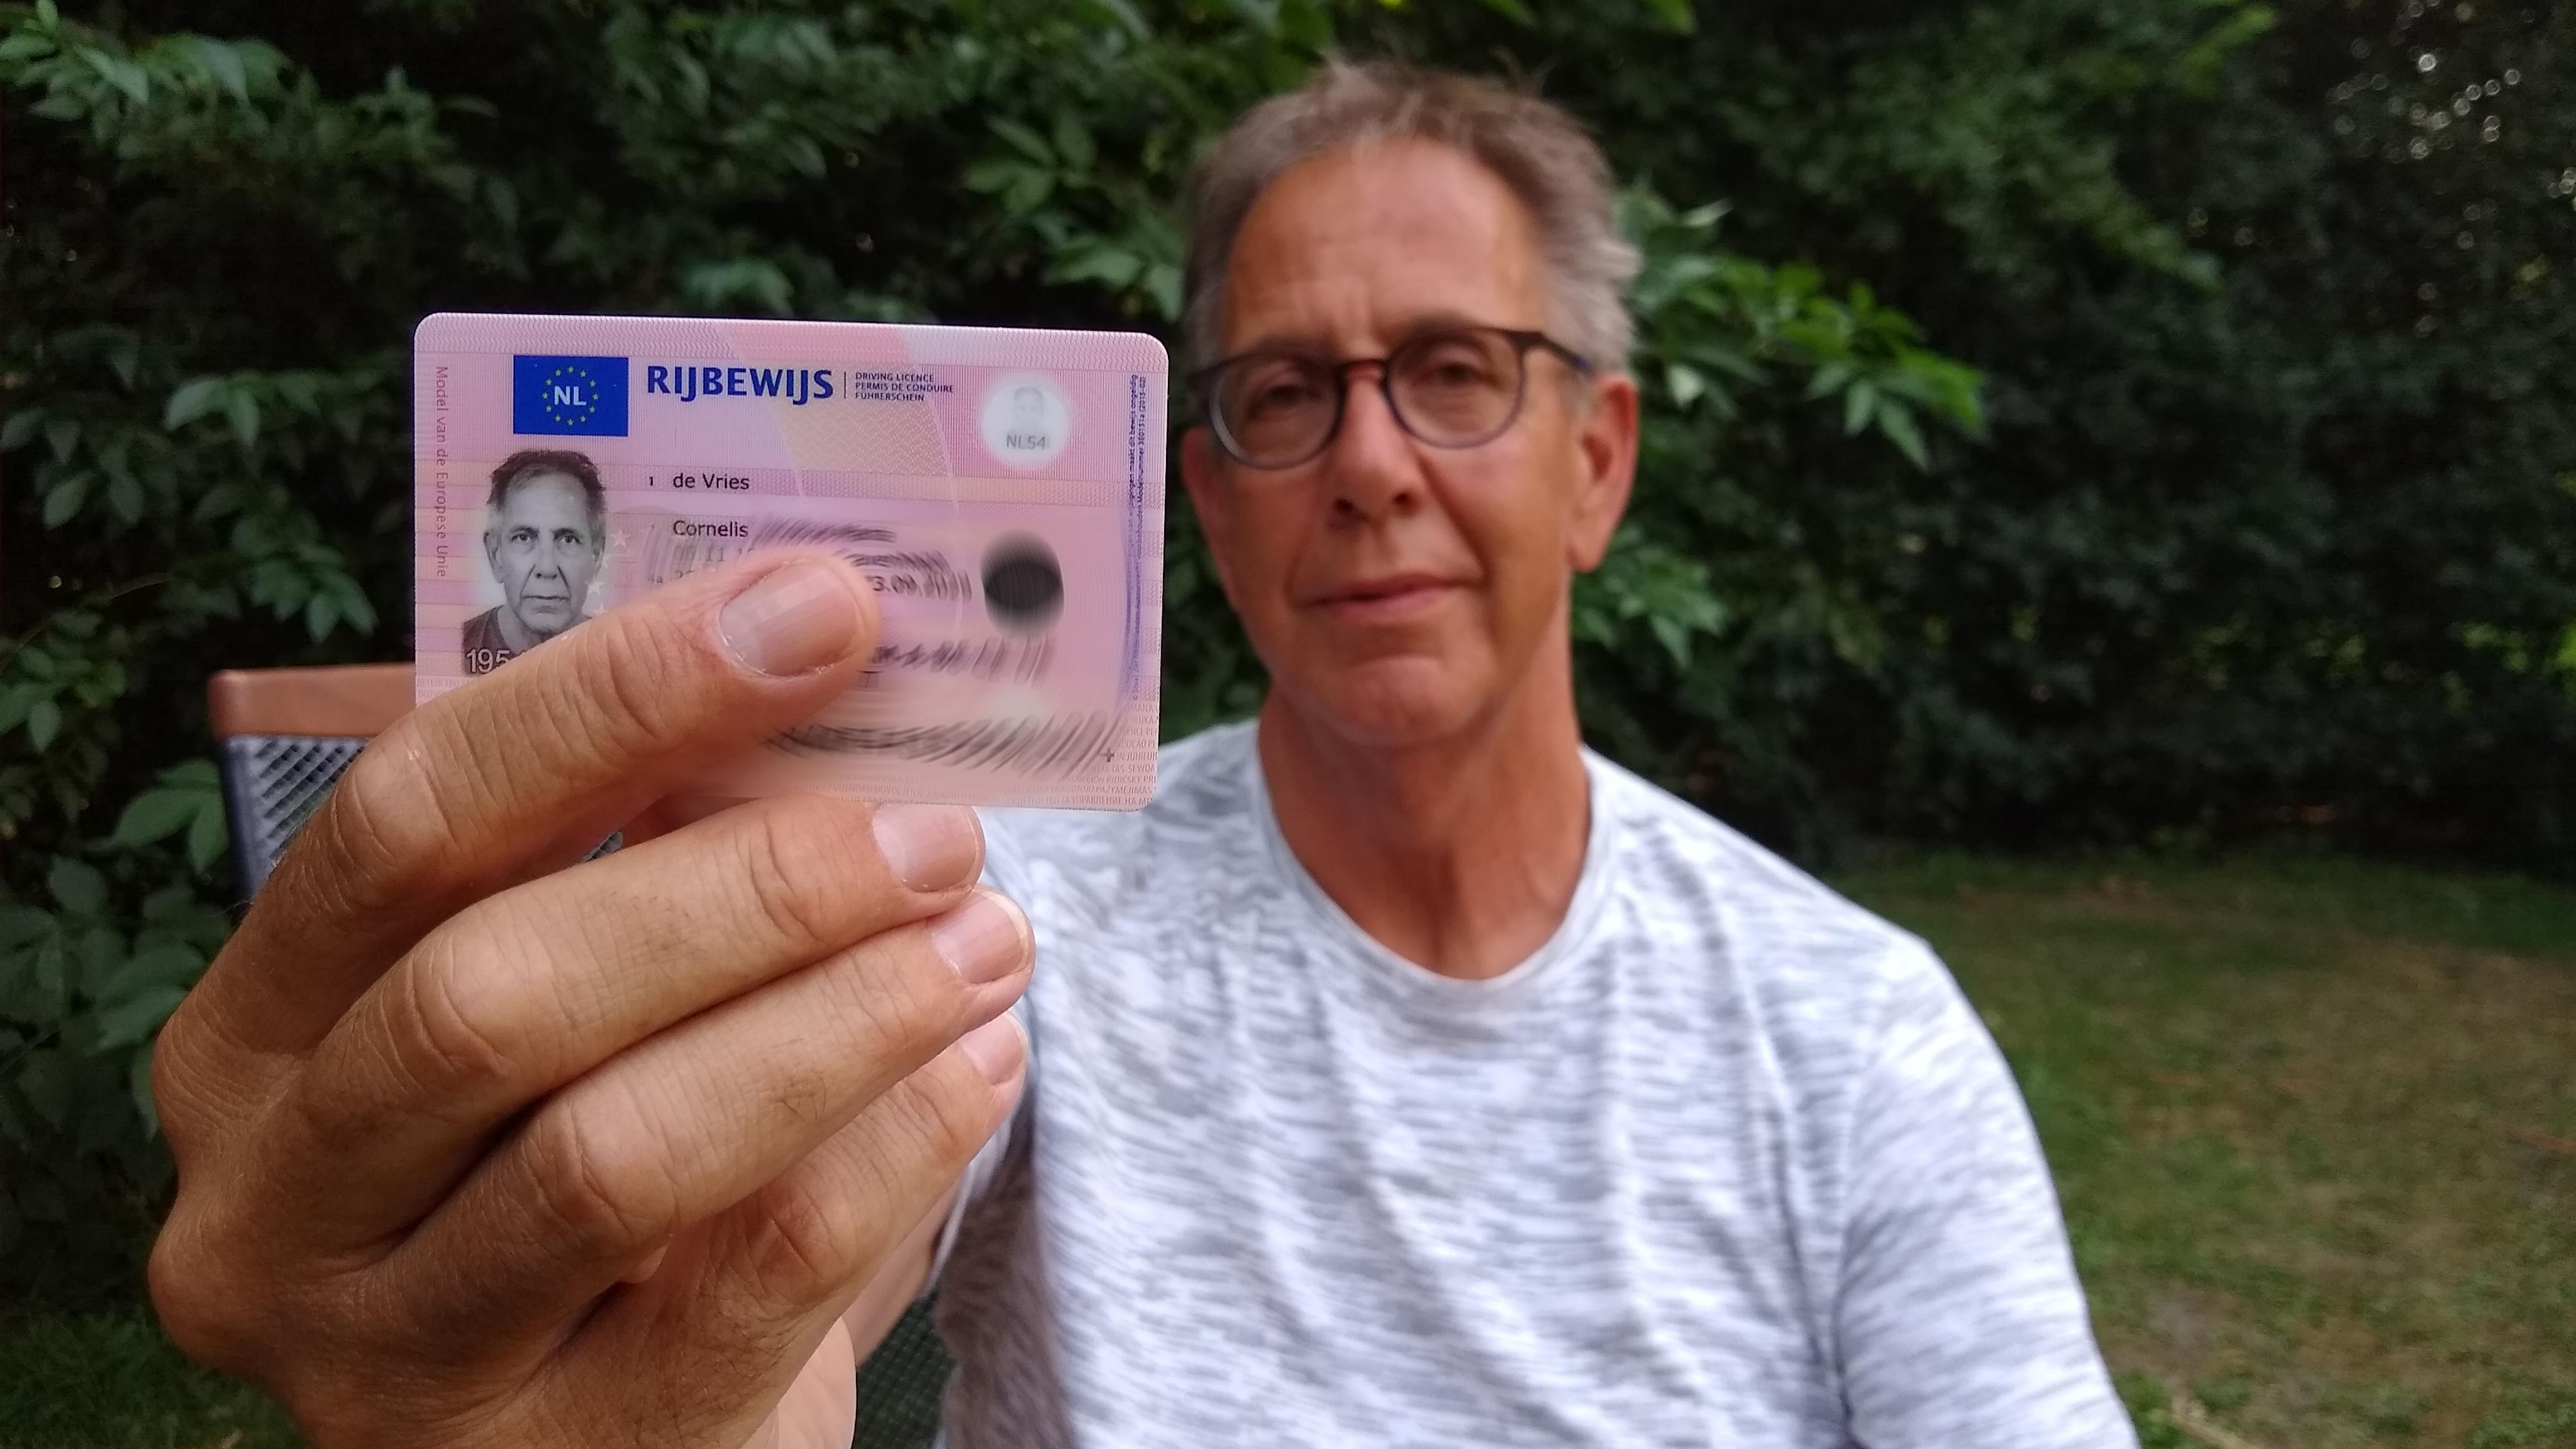 Vijf keer op de foto voor nieuw rijbewijs